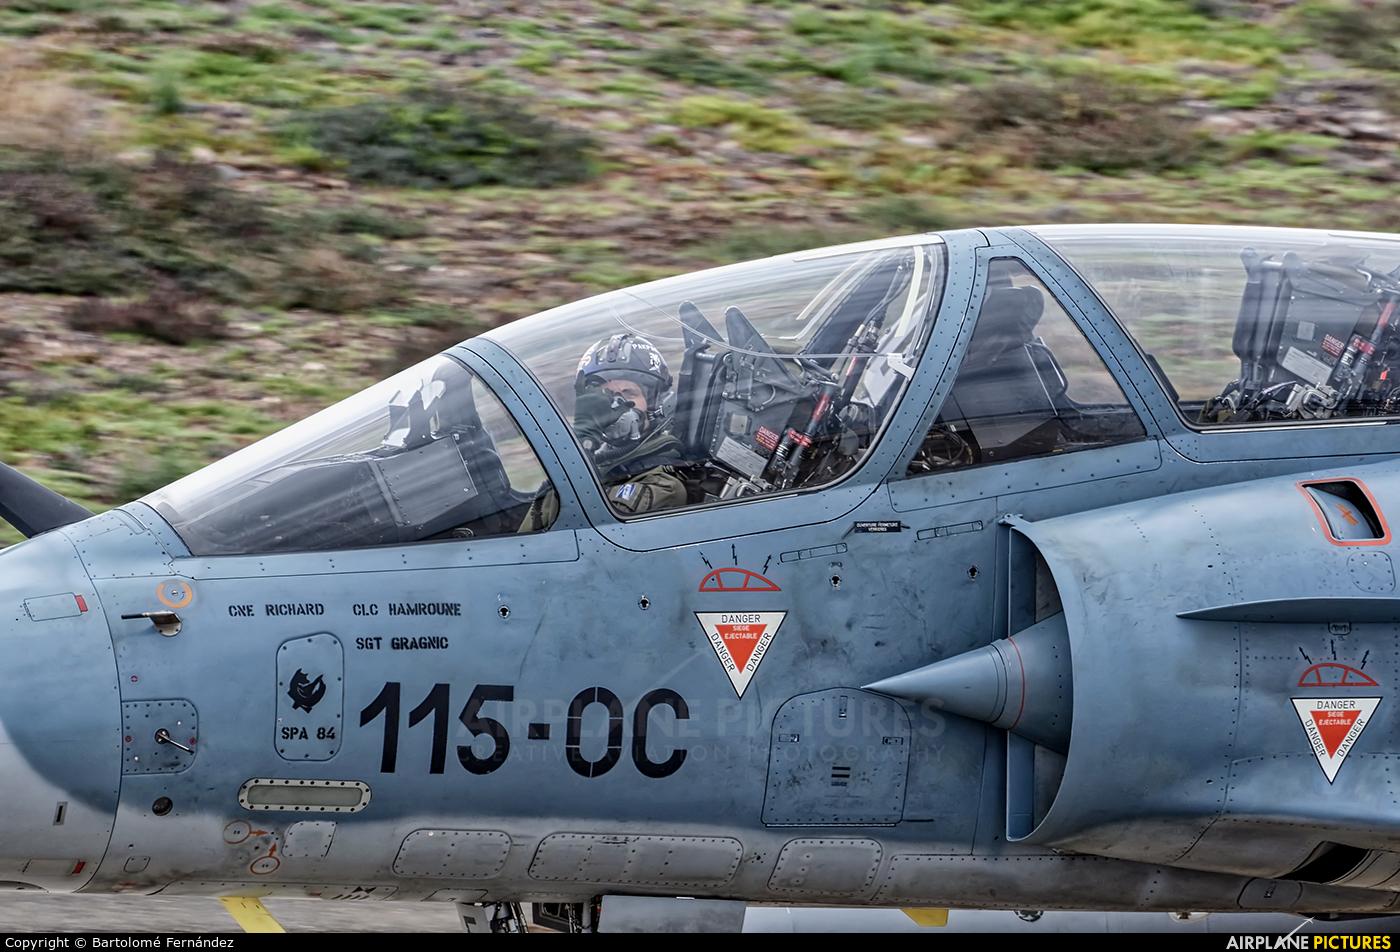 France - Air Force 529 /115-OC aircraft at Las Palmas de Gran Canaria